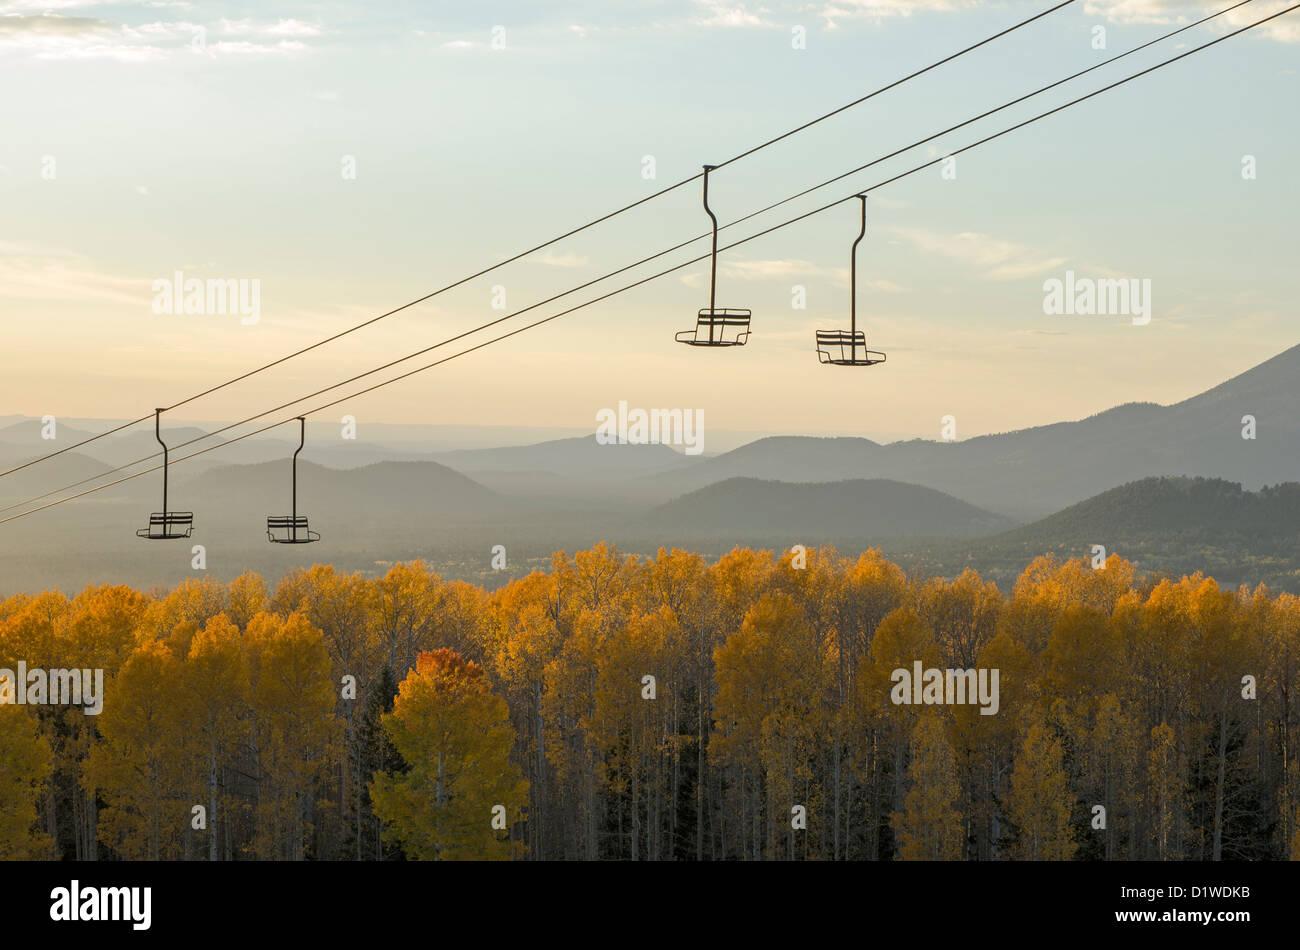 Aspens girare un giallo brillante in autunno presso l'Arizona Snowbowl, vicino a Flagstaff, in Arizona, Stati Immagini Stock